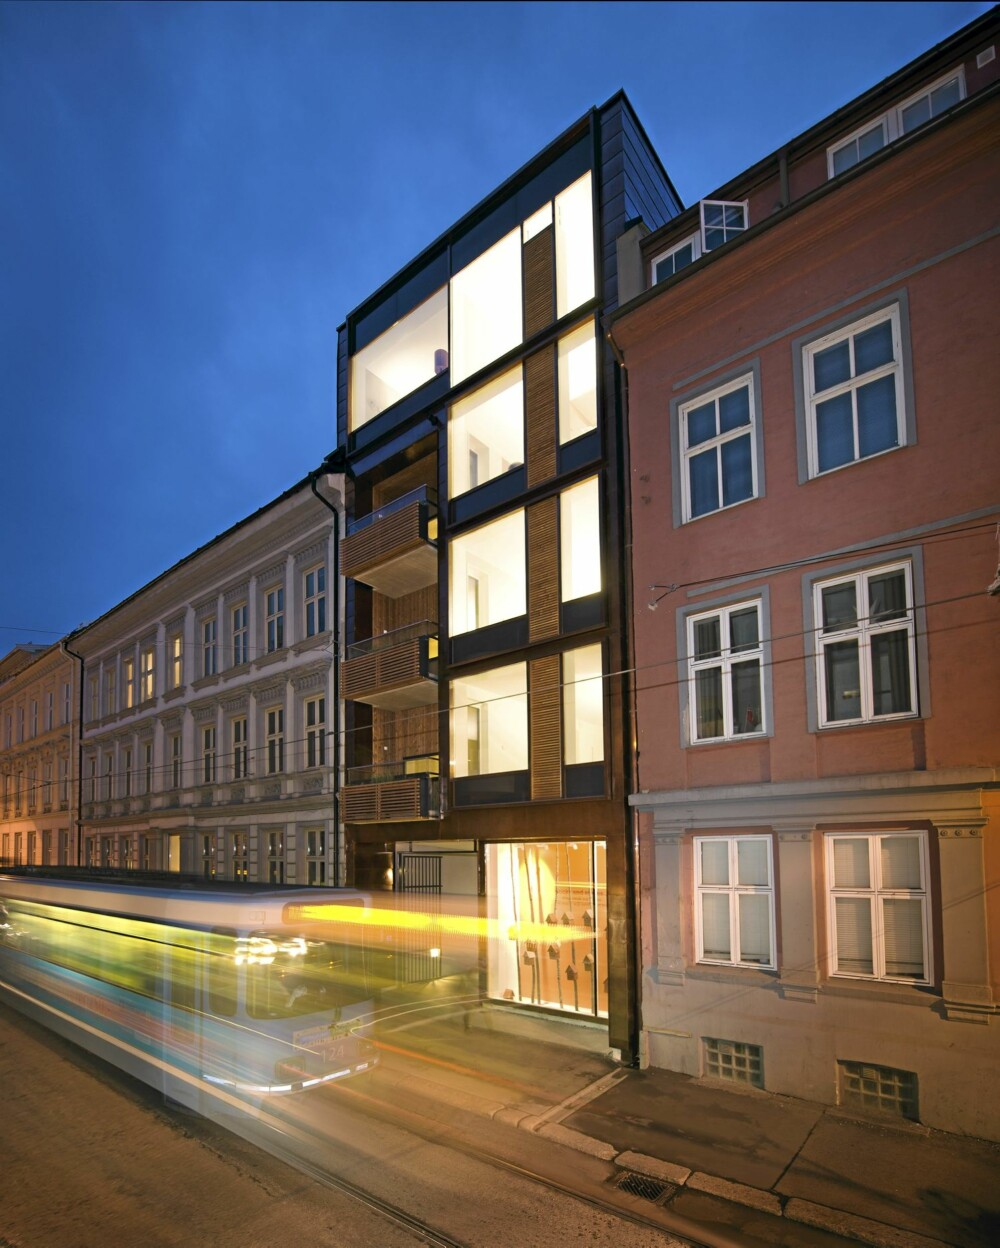 FÅ BOLIGER. I Oslo øker boligprisene blant annet på grunn av befolkningsvekst og få boliger. Inneklemte hus kan være én vei å gå i møte med tilflyttingen